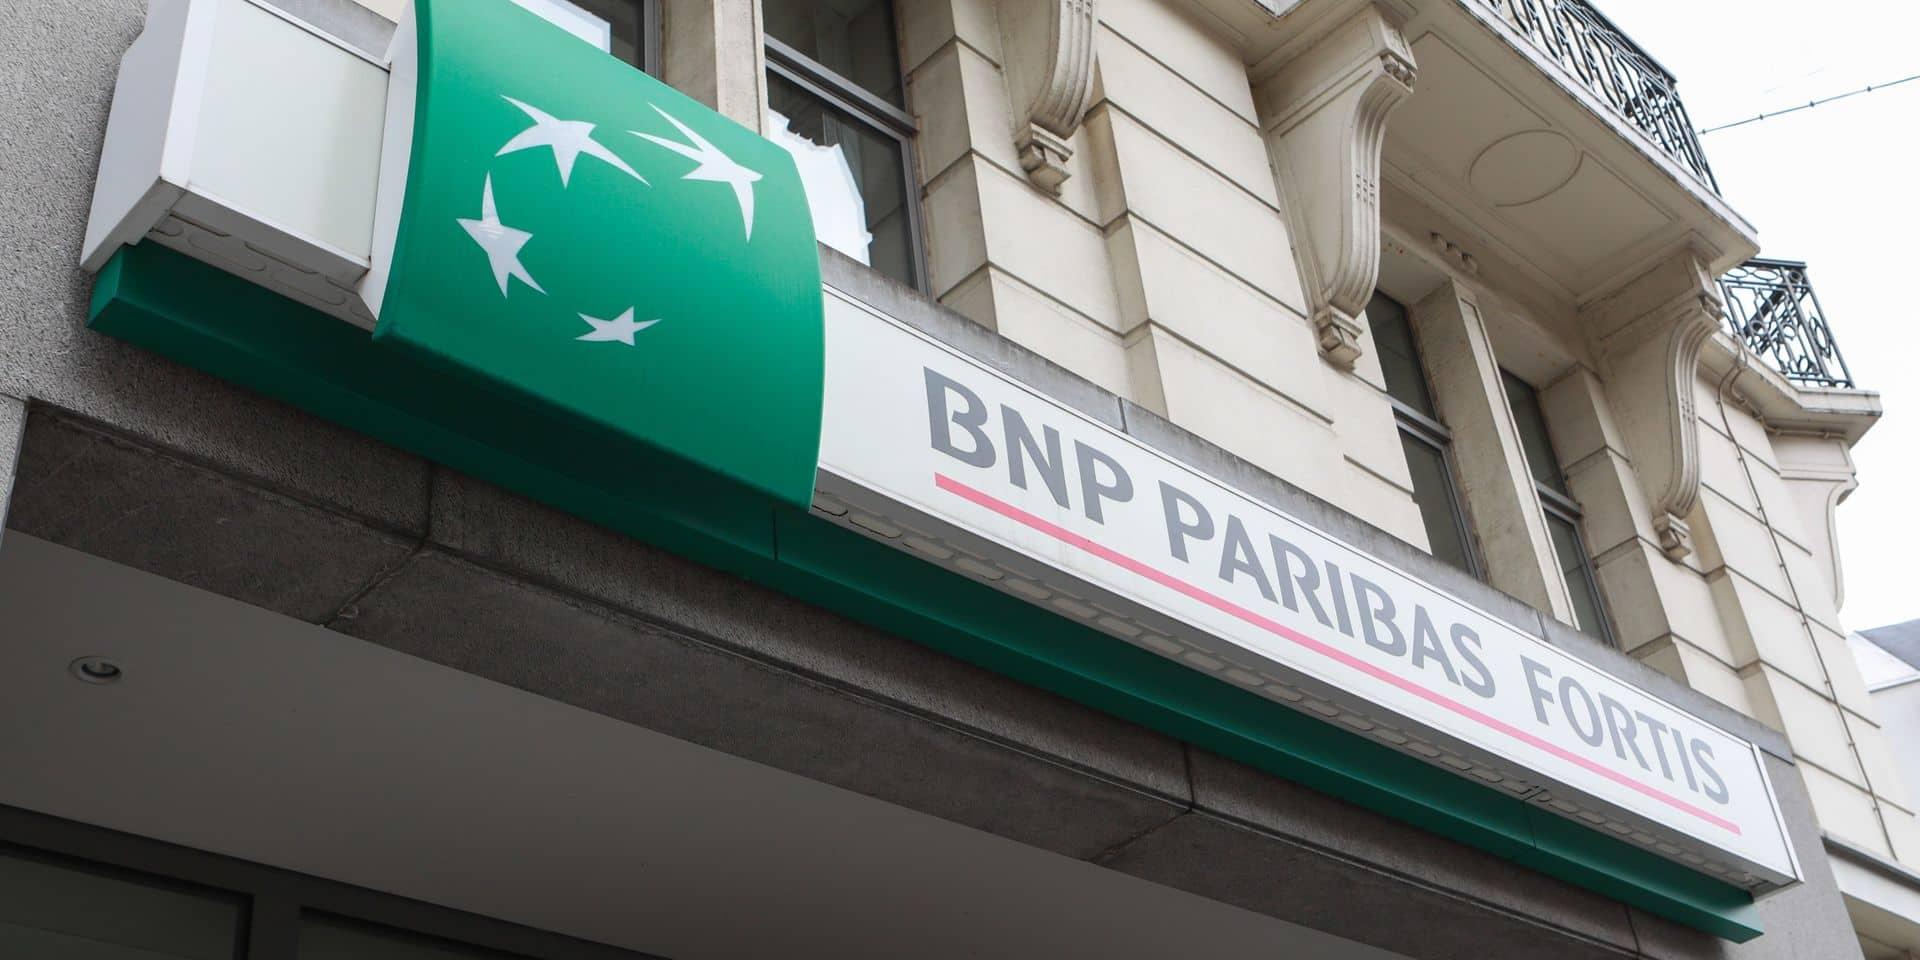 BNP Paribas Fortis lancera bientôt une nouvelle banque en Belgique